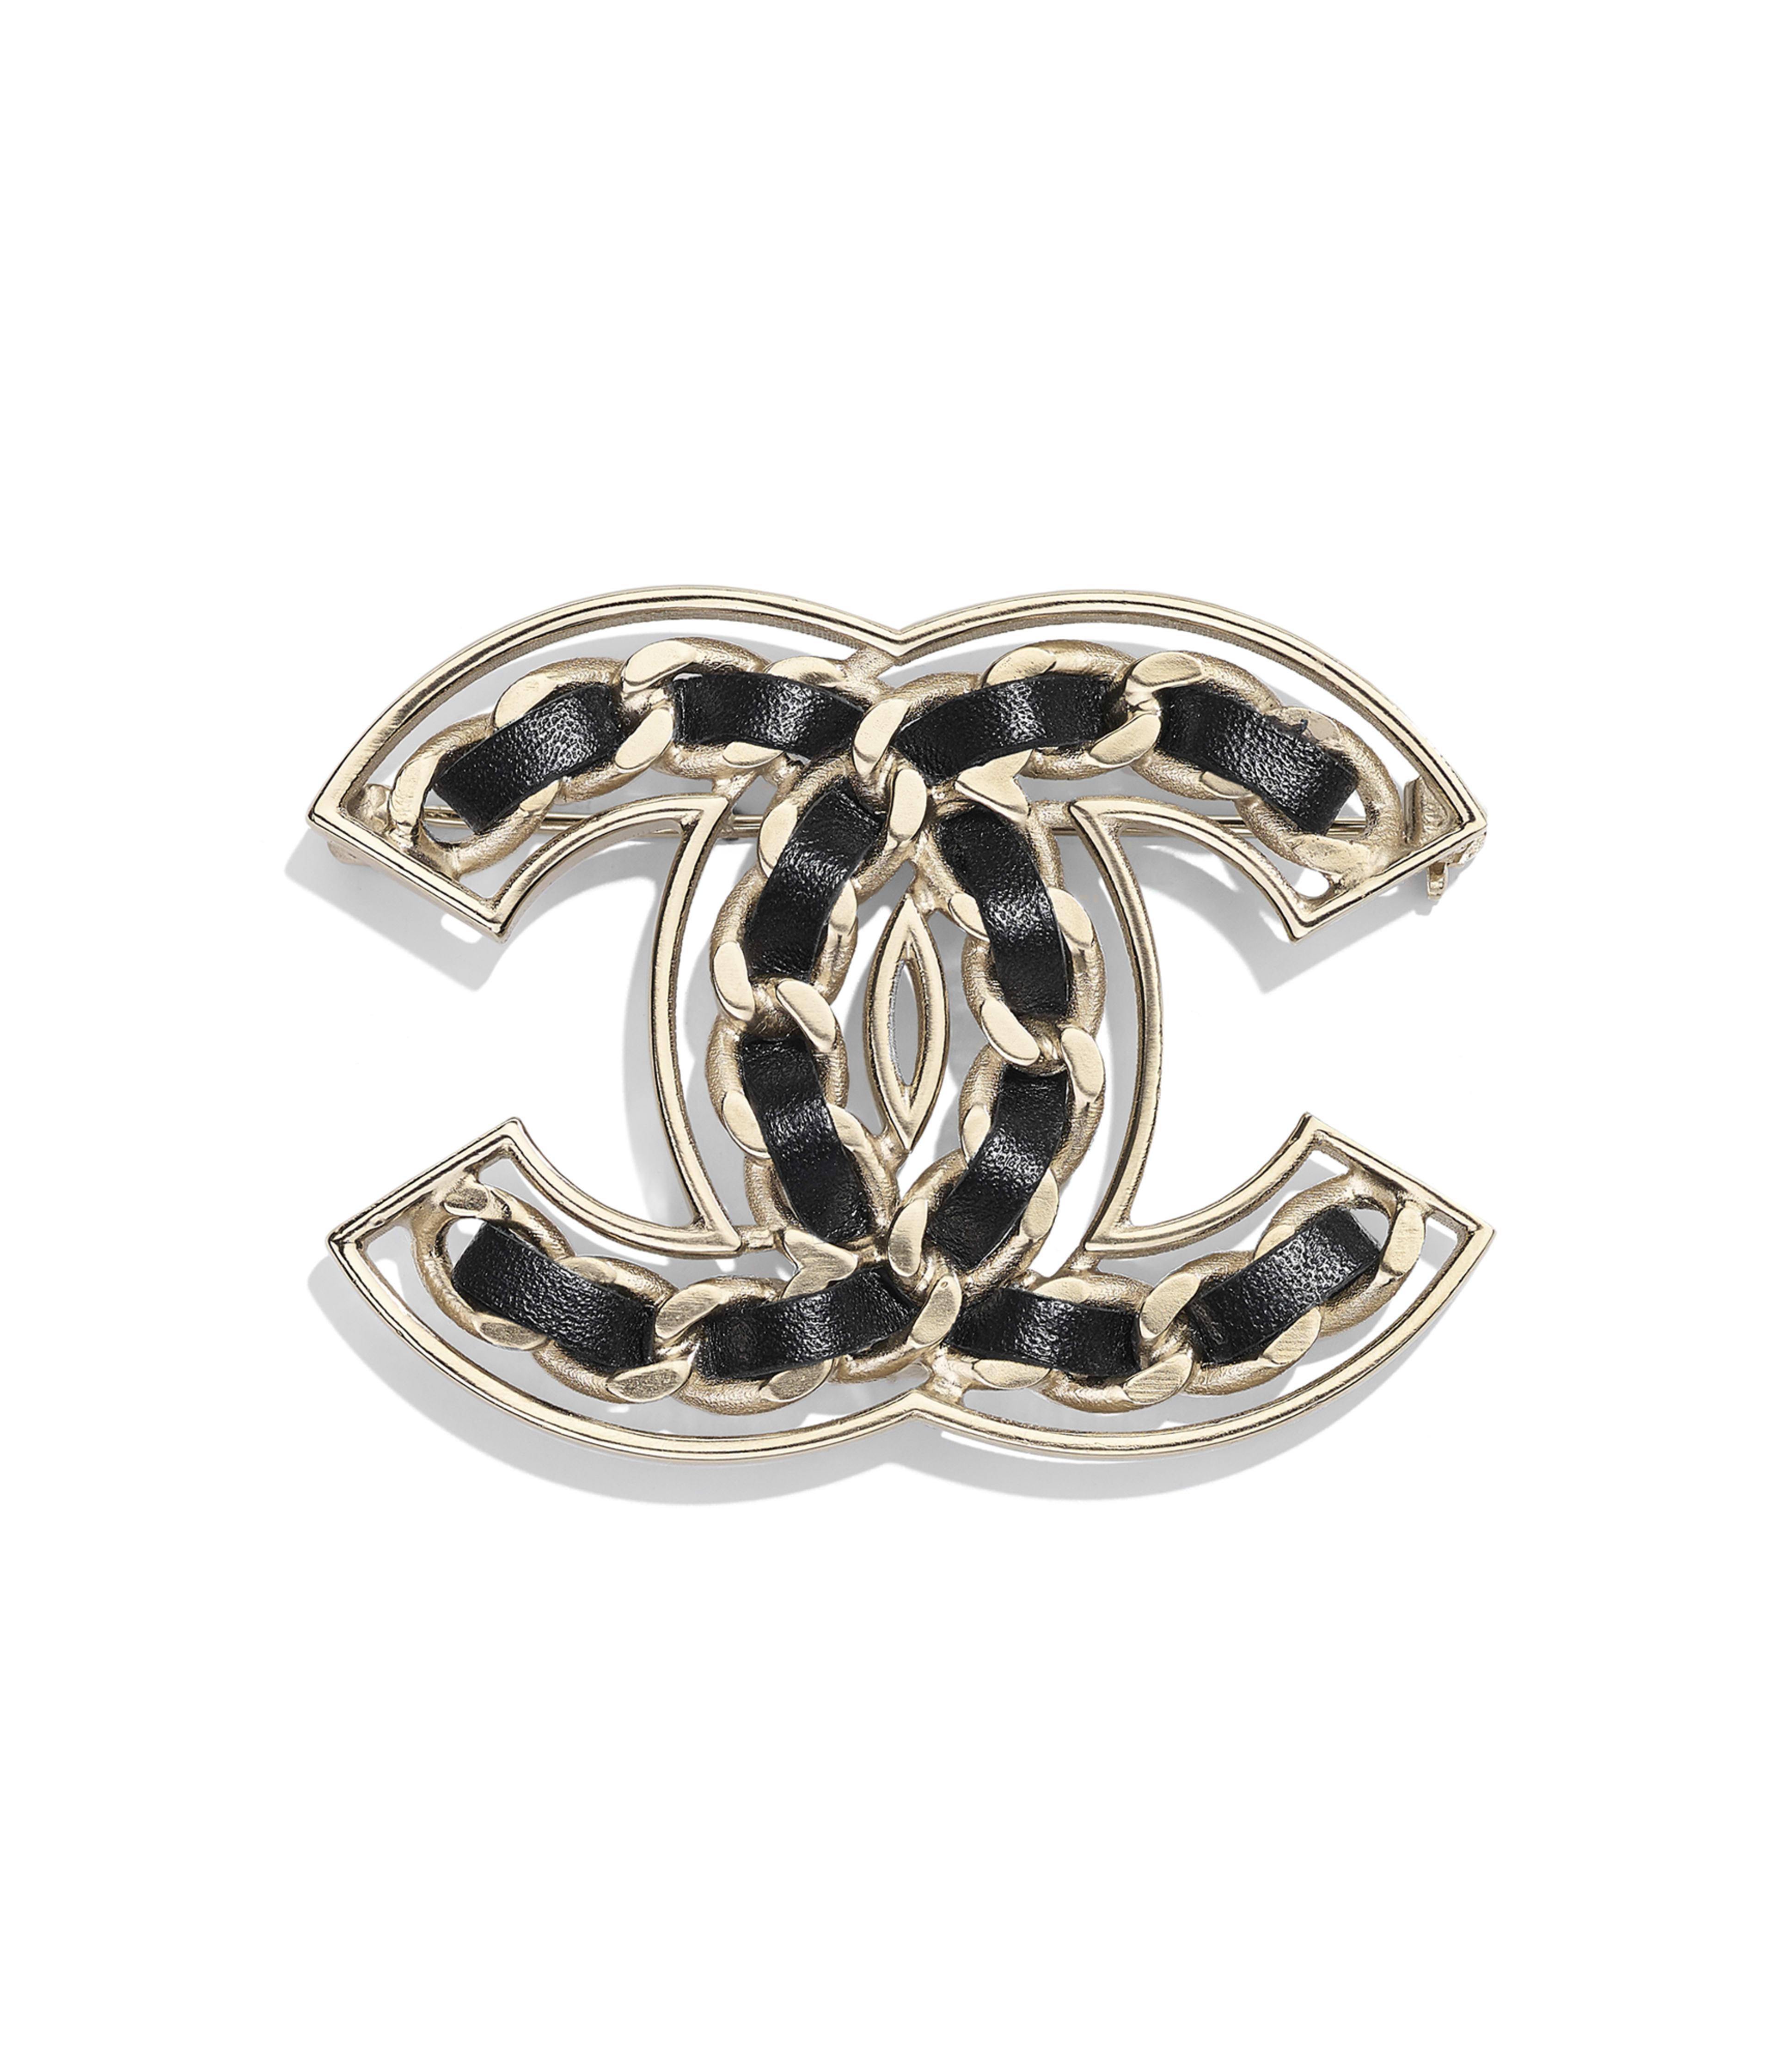 7cfd06306466 Brooch Metal & Calfskin, Gold & Black Ref. AB0568Y47598Z2047